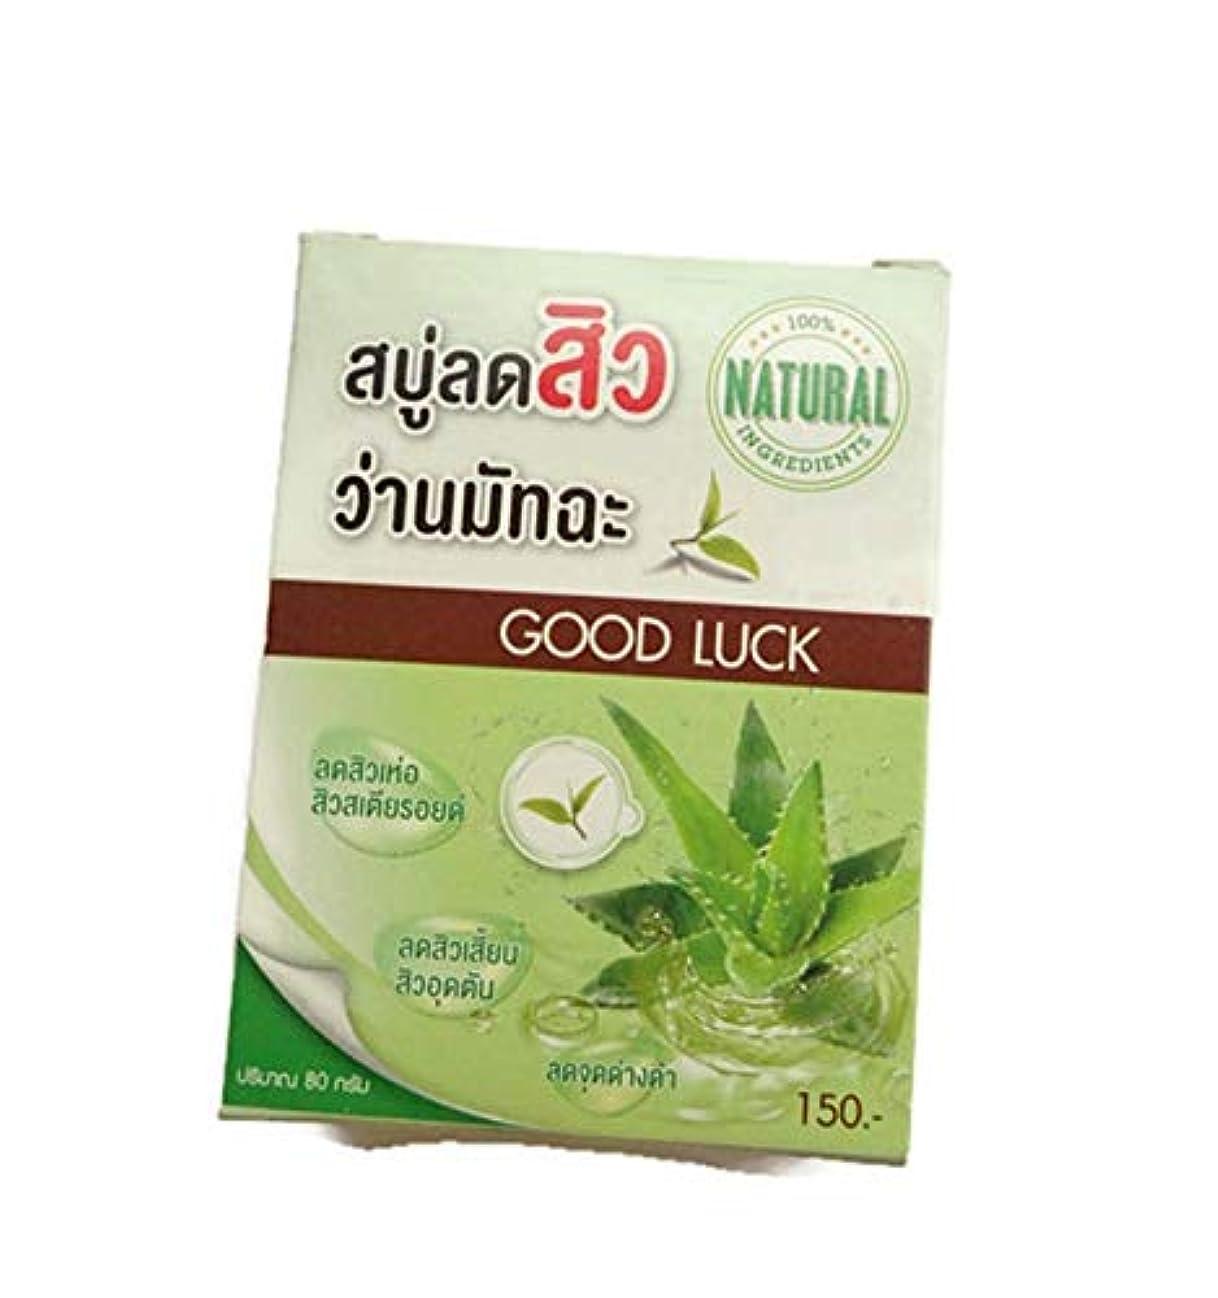 蜂祭りランダムAloe vela Green Tea Vitamin C&E Coconut oil Acne Soap 80 grams.